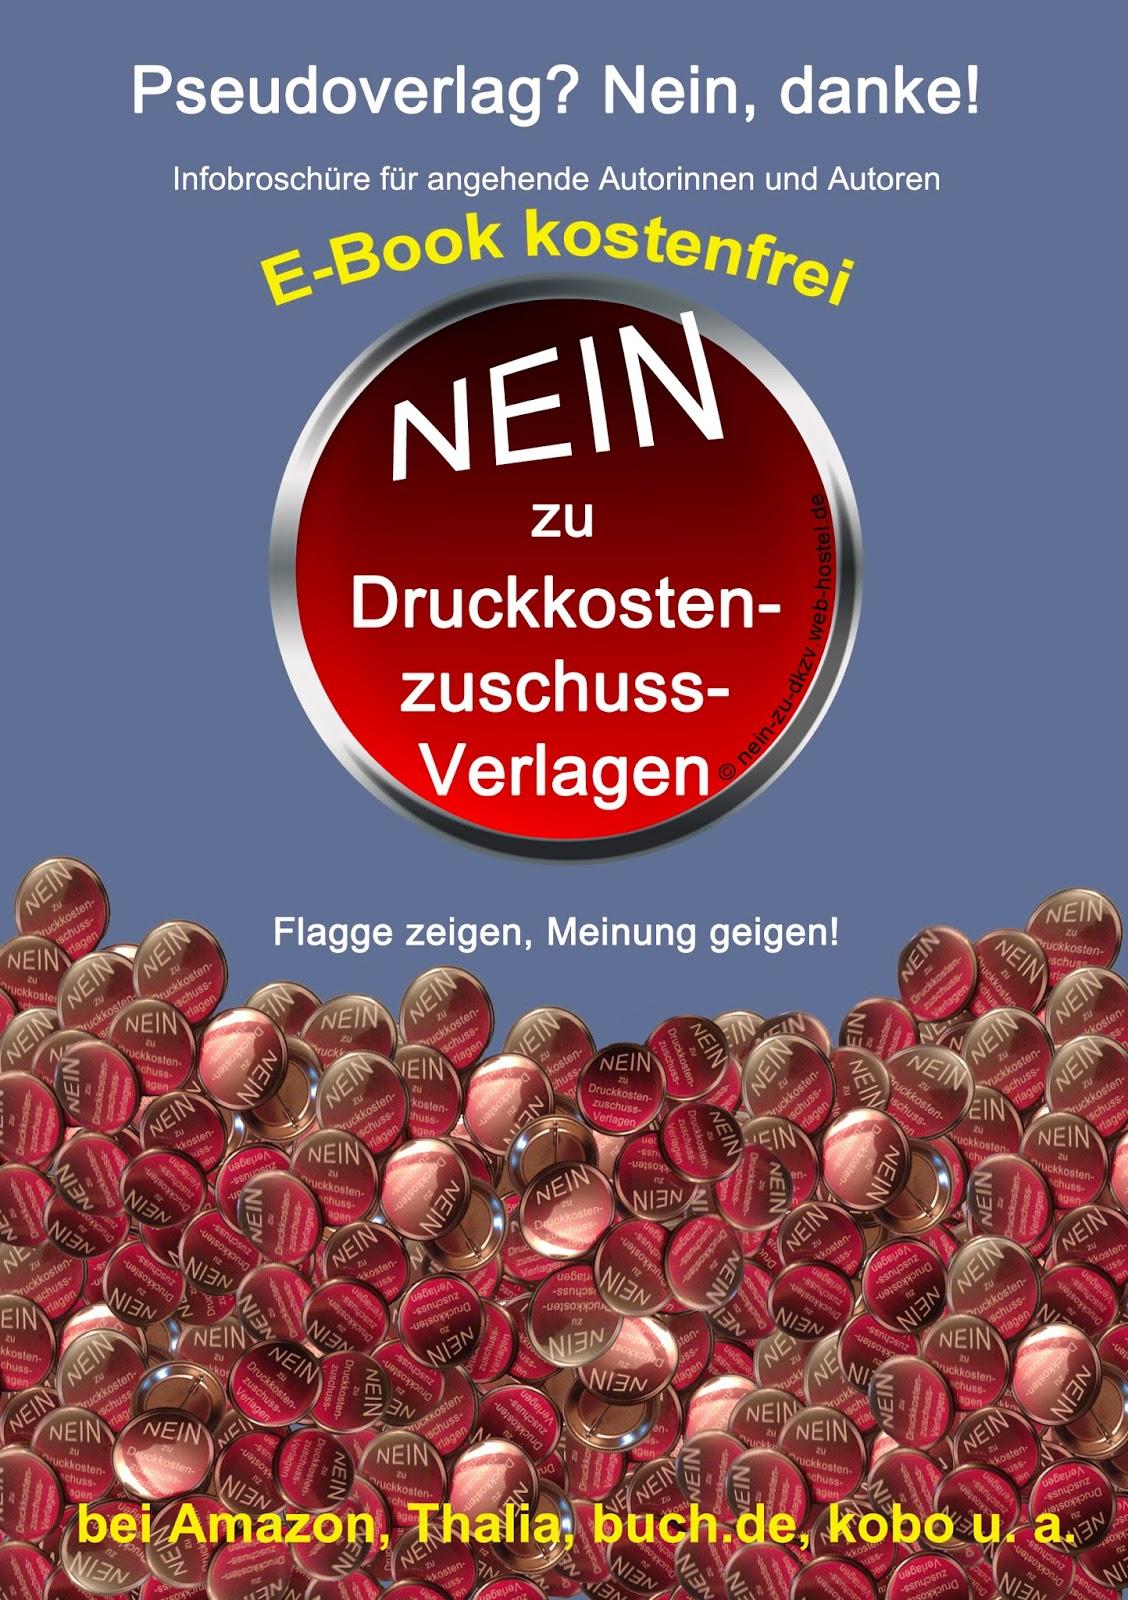 http://www.amazon.de/Pseudoverlag-Nein-danke-Sandra-Schmidt-ebook/dp/B00P6DADC6/ref=sr_1_7?s=books&ie=UTF8&qid=1415024526&sr=1-7&keywords=Henry-Sebastian+Damaschke